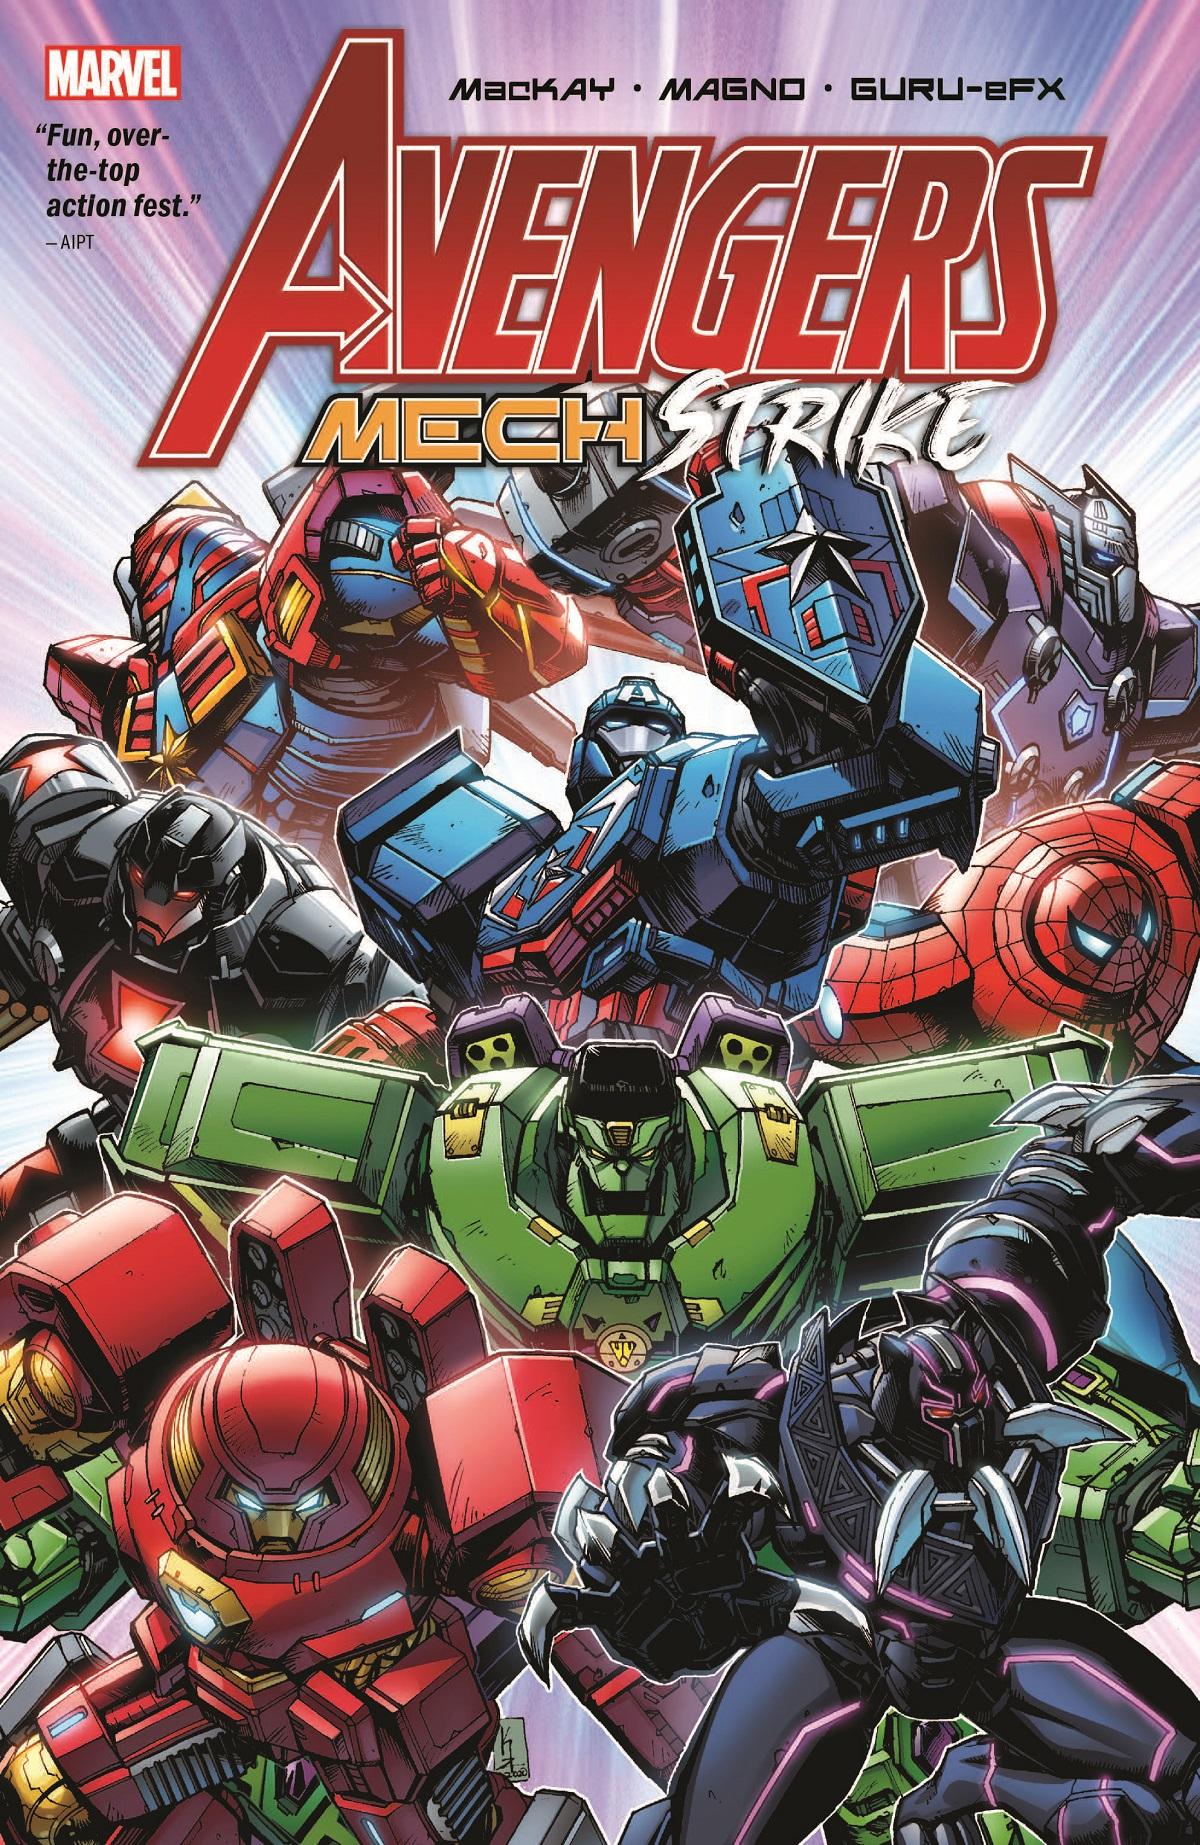 Avengers Mech Strike (Trade Paperback)